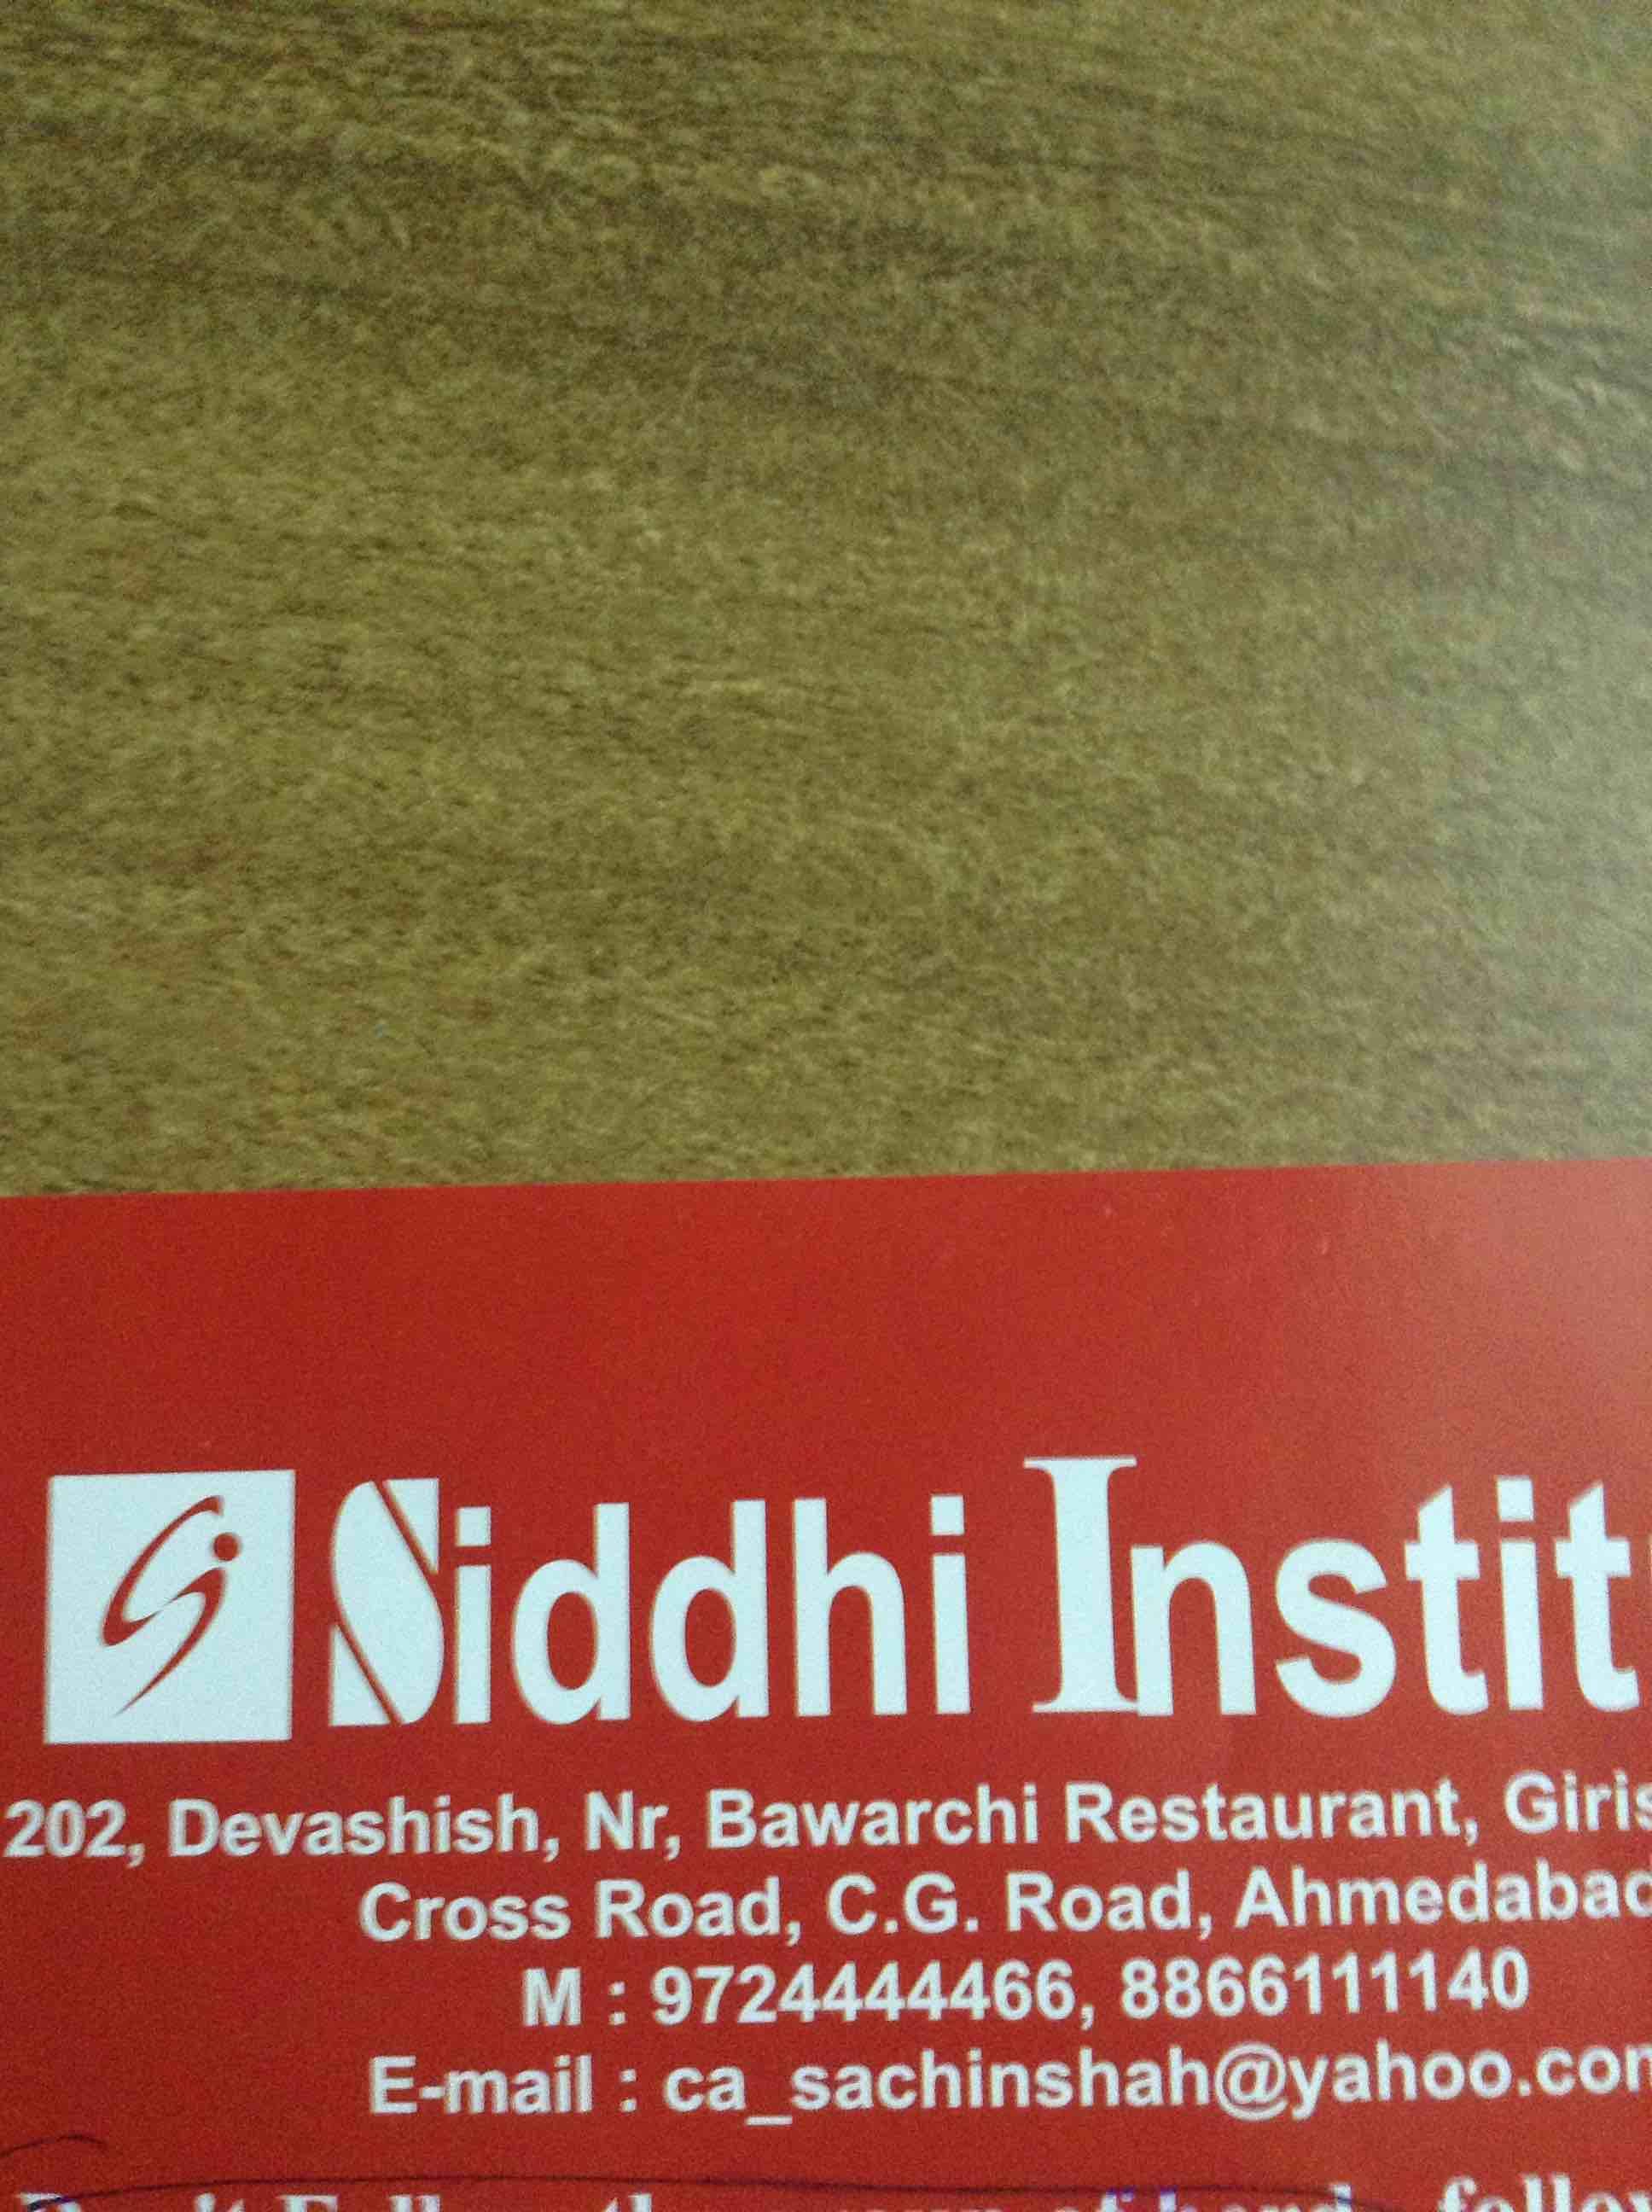 Siddhi Institute - logo